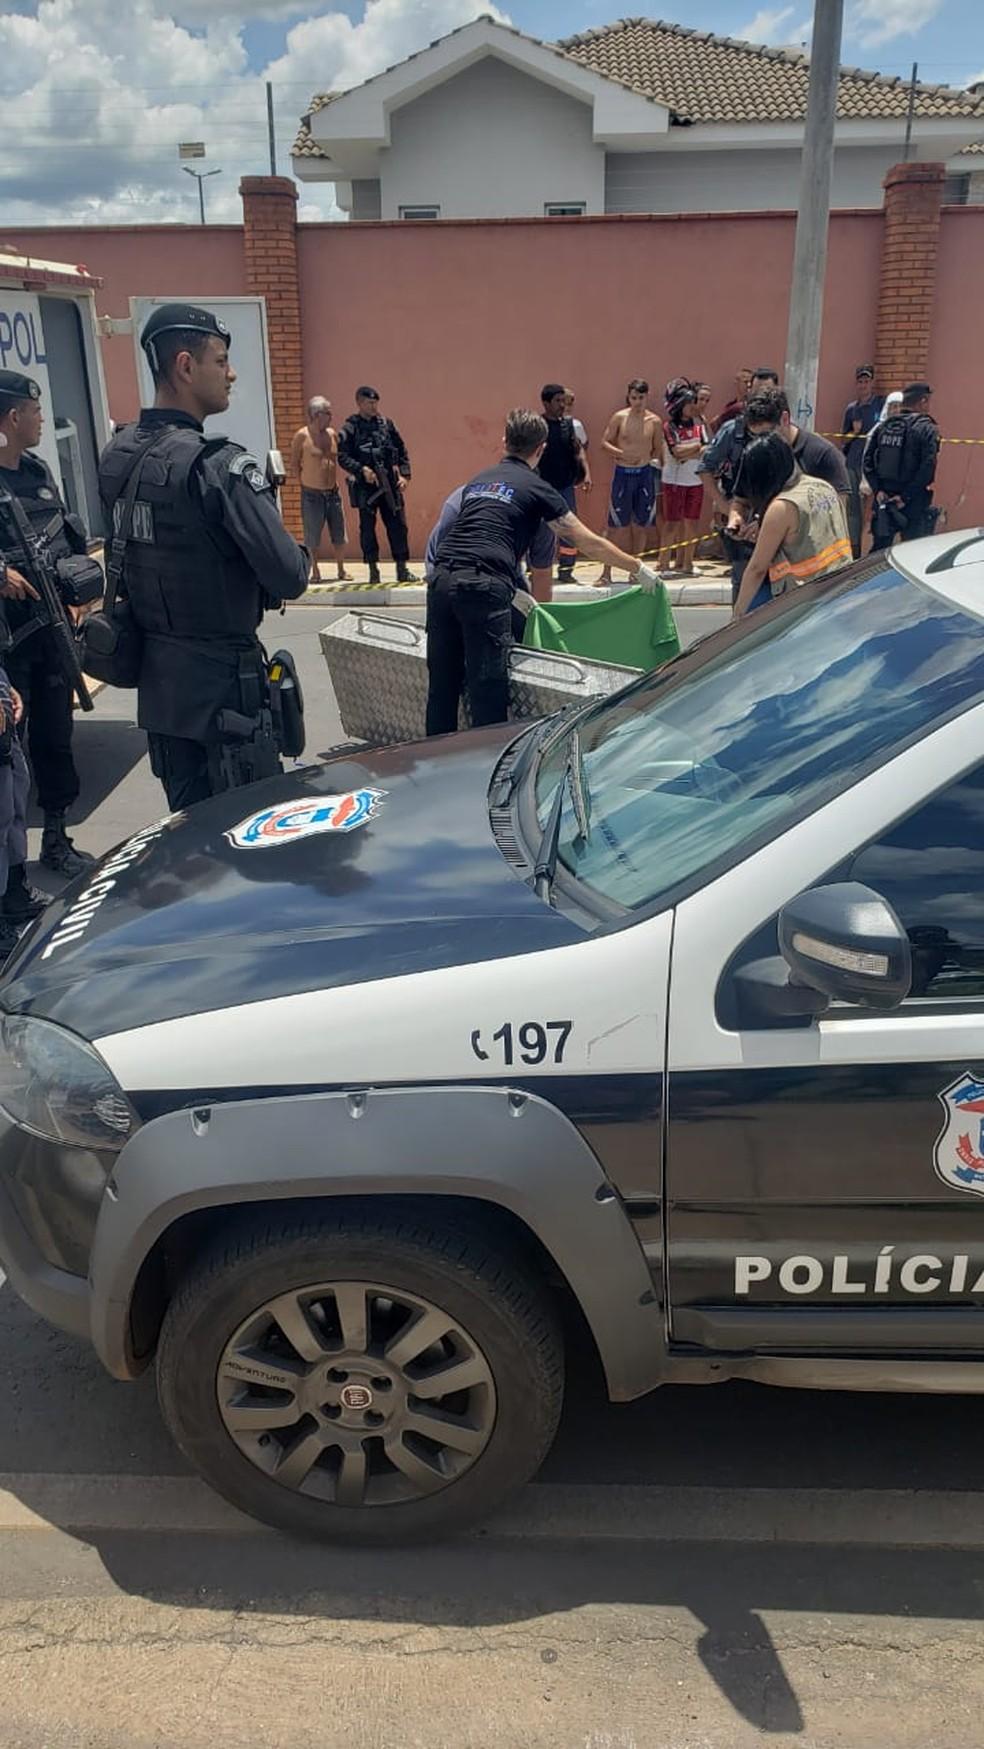 Menino morreu no local e irmã a caminho do hospital em Cuiabá — Foto: Polícia Militar de Mato Grosso/Assessoria